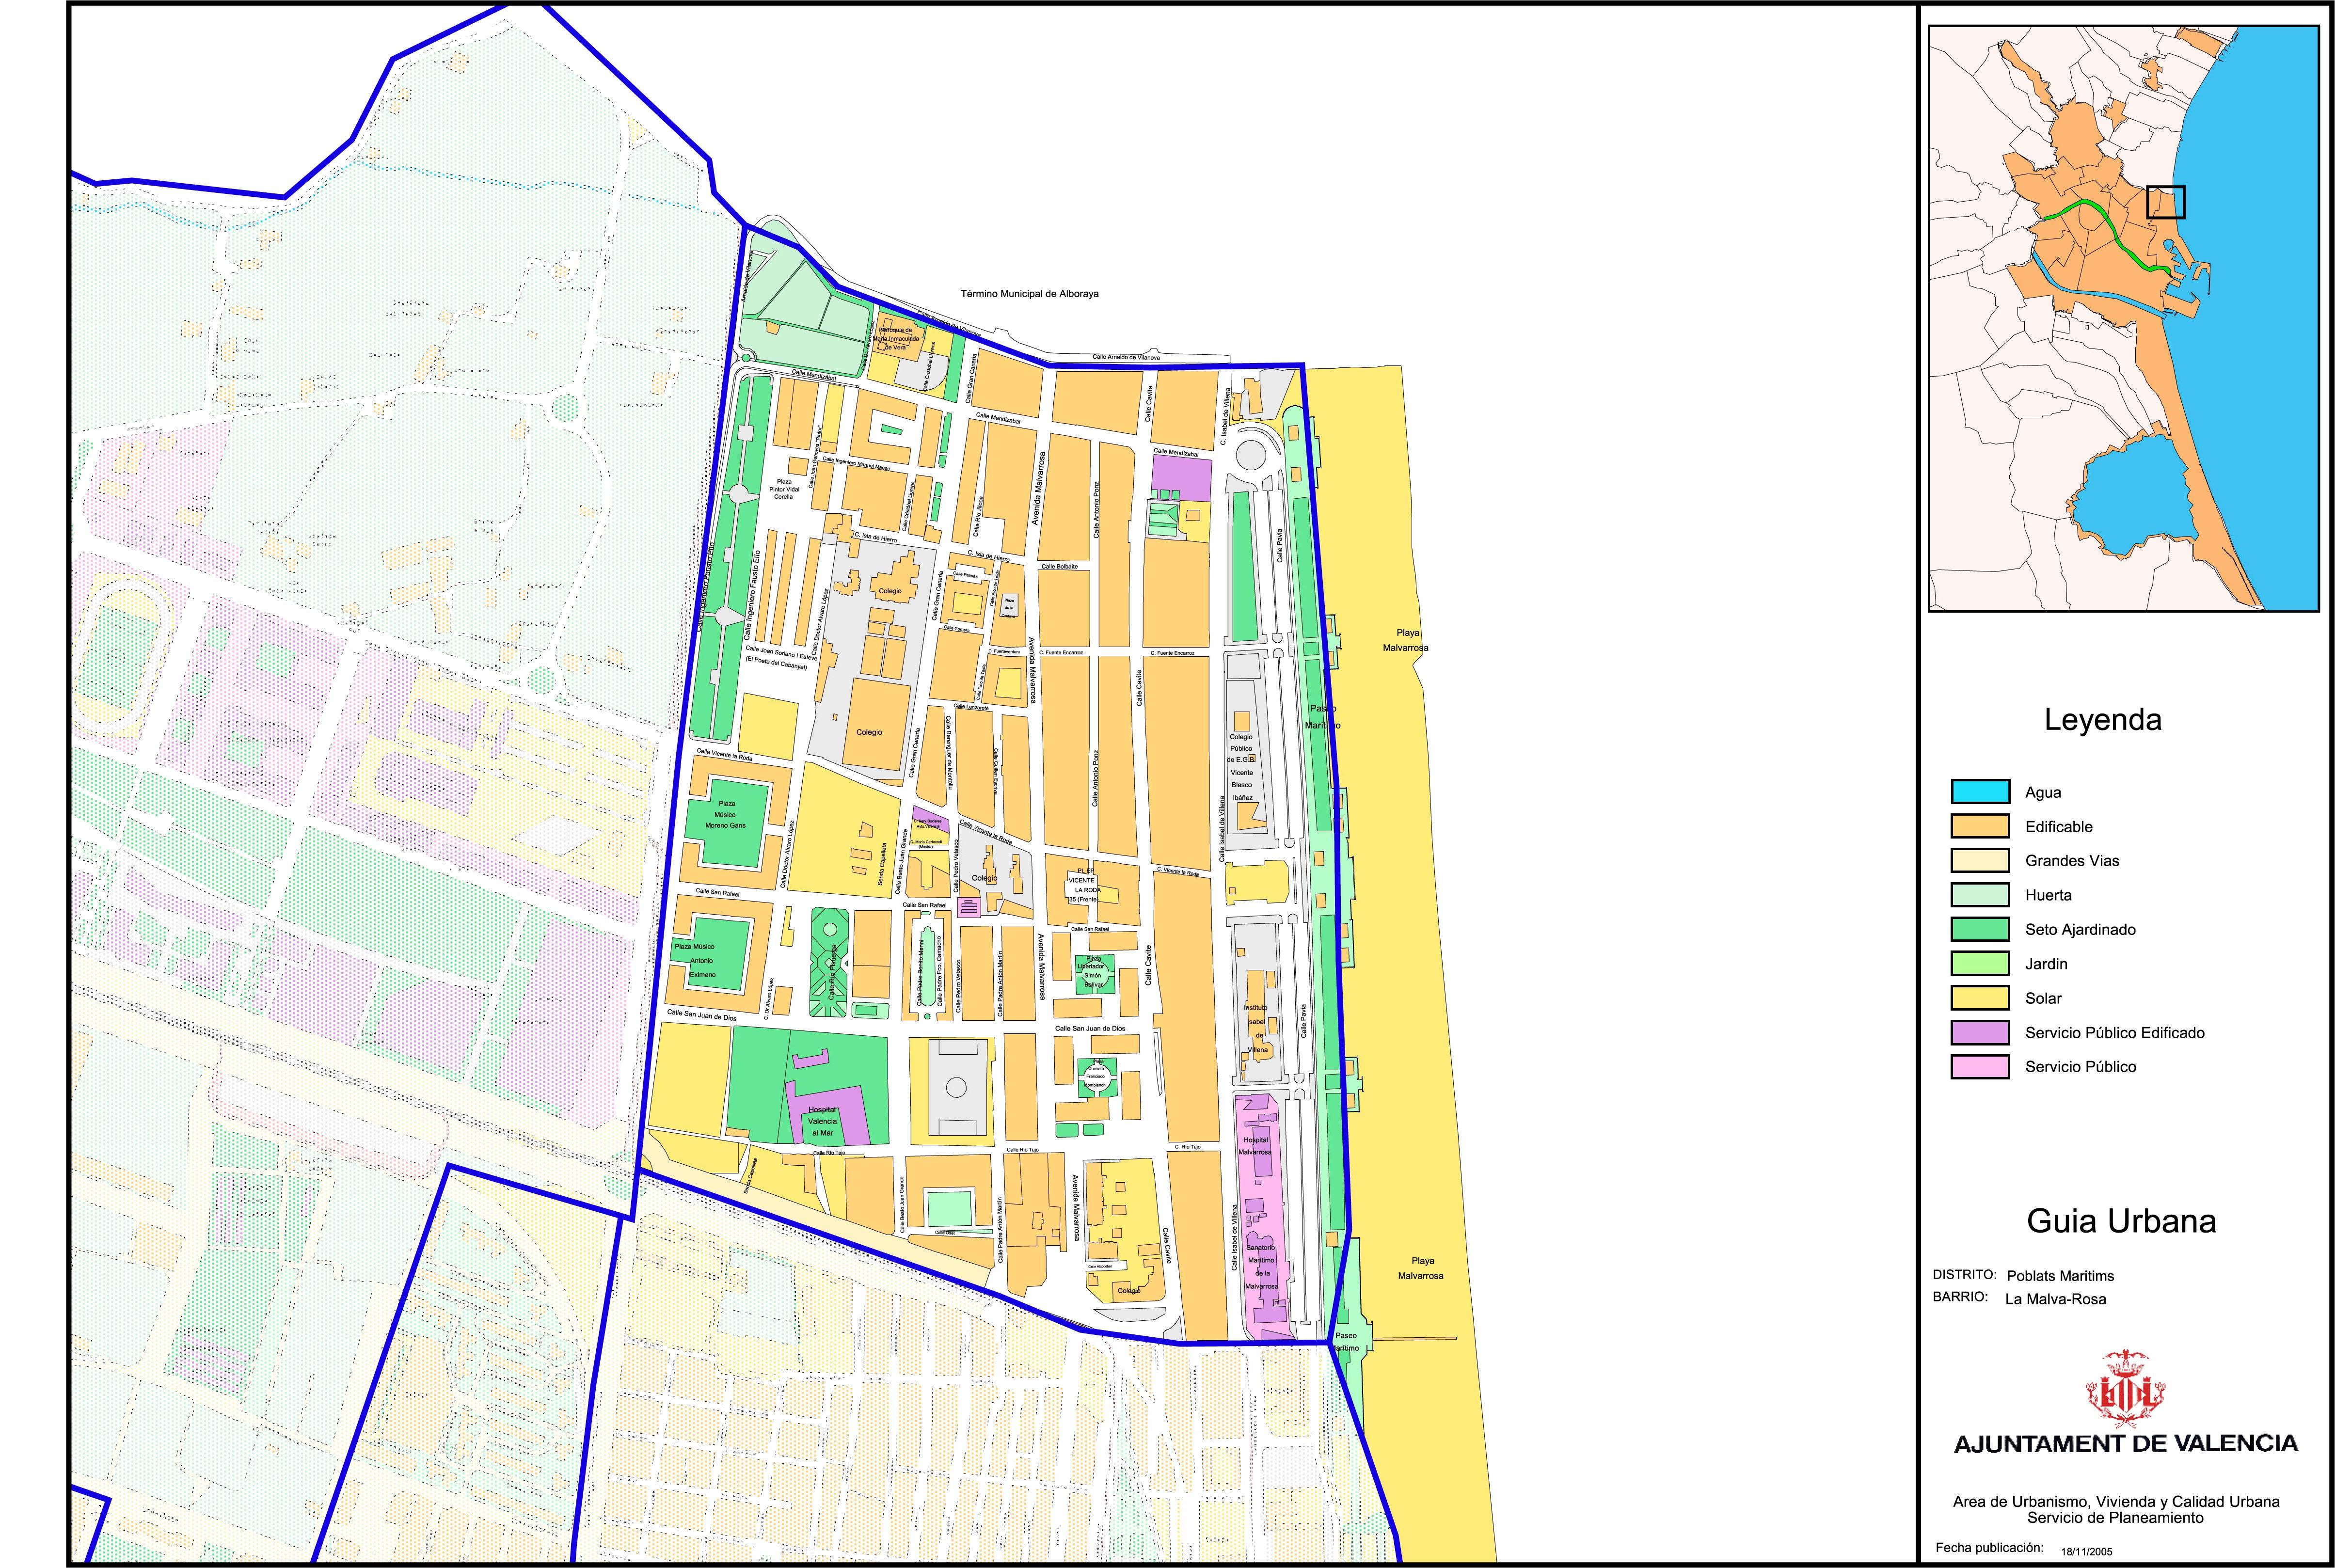 Neighborhood of La Malva-Rosa, Valencia